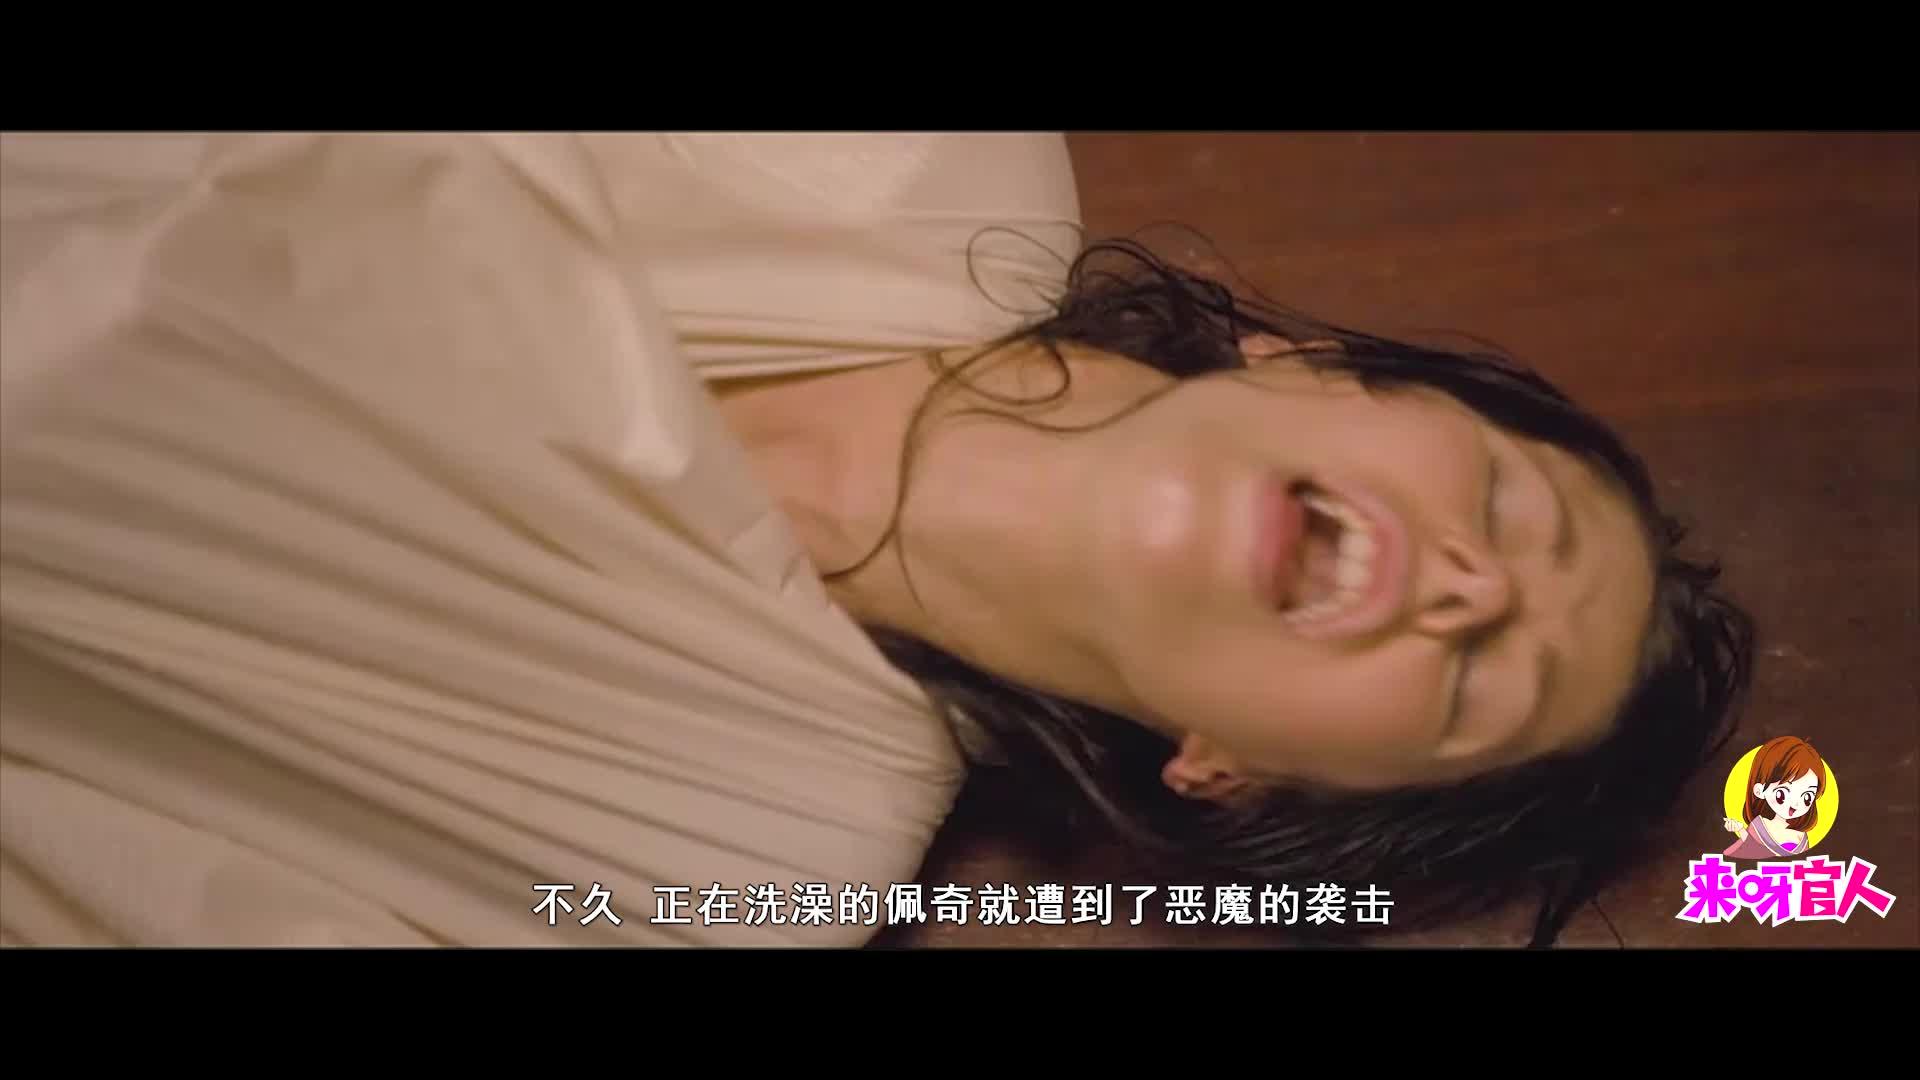 #追剧不能停#《太平间闹鬼事件》:根据真实事件改编的恐怖电影!__14